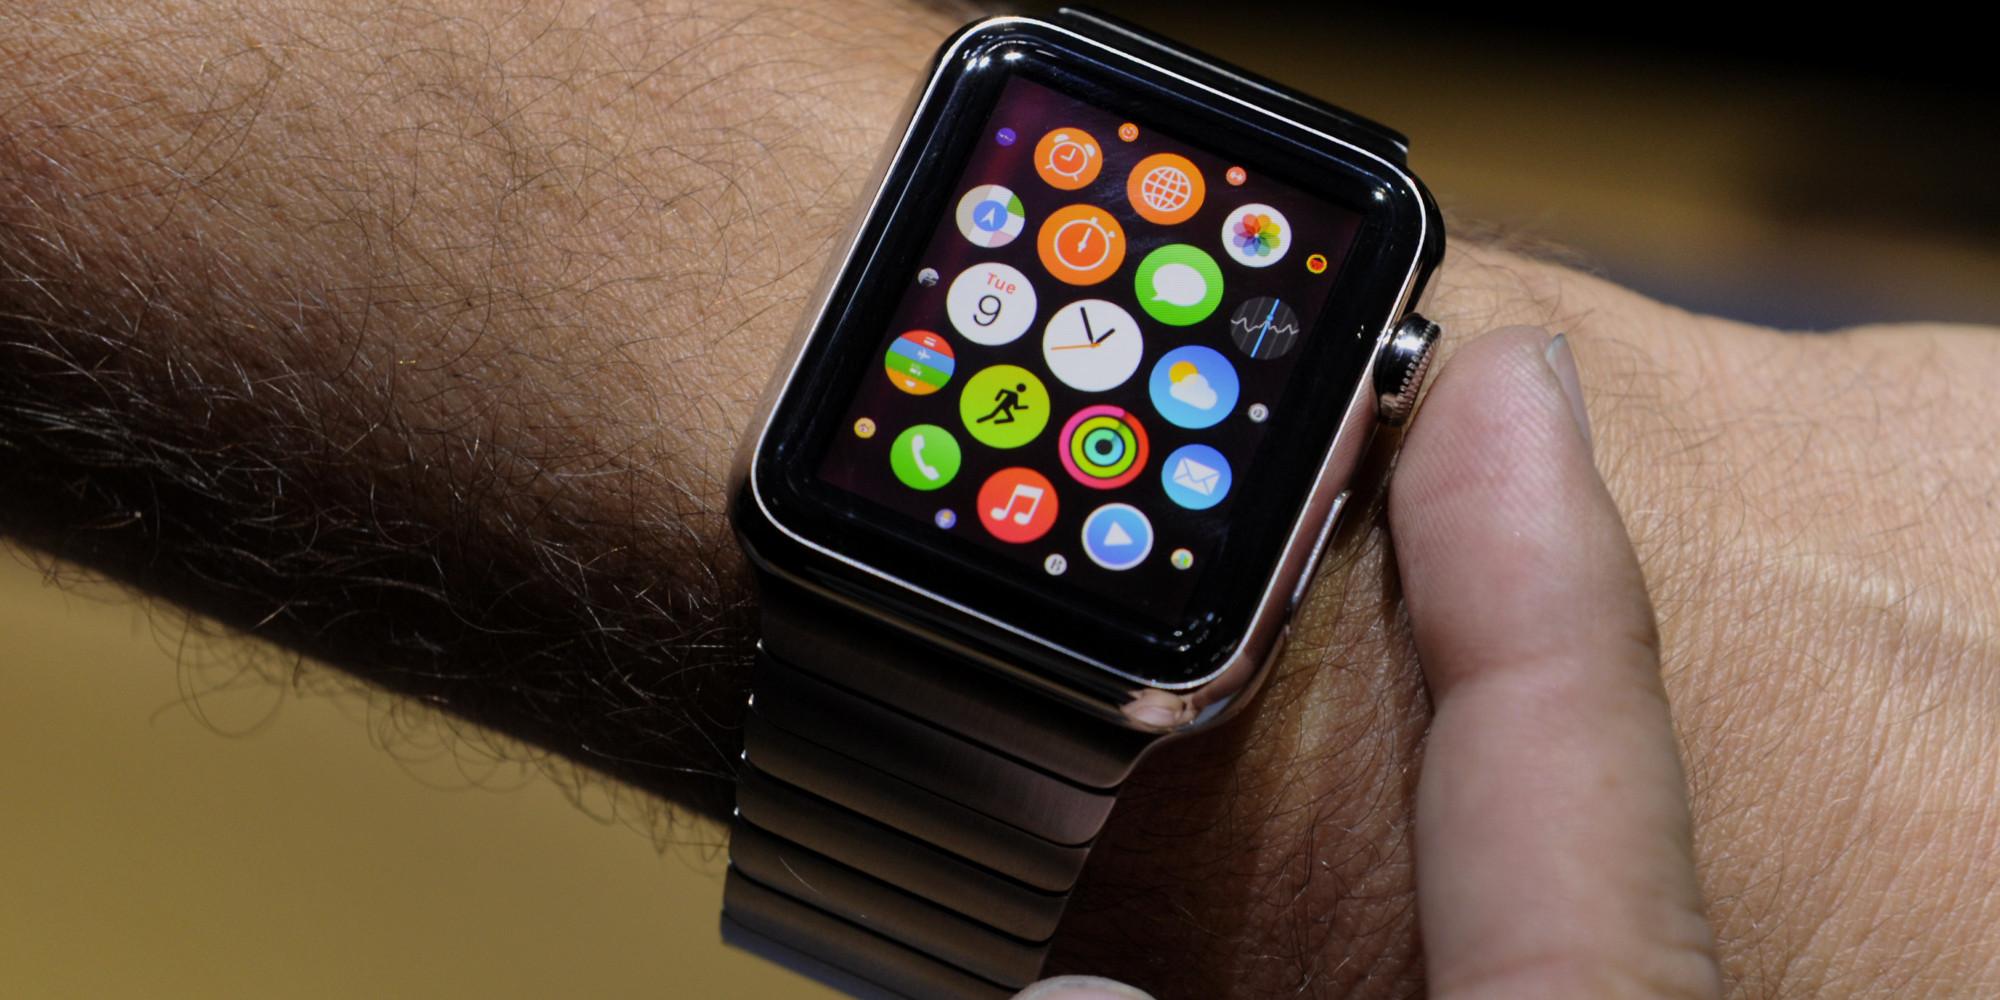 """Apple Watch incrementa ventas de categoria """"otros/accesorios"""" por  1000 mdd"""